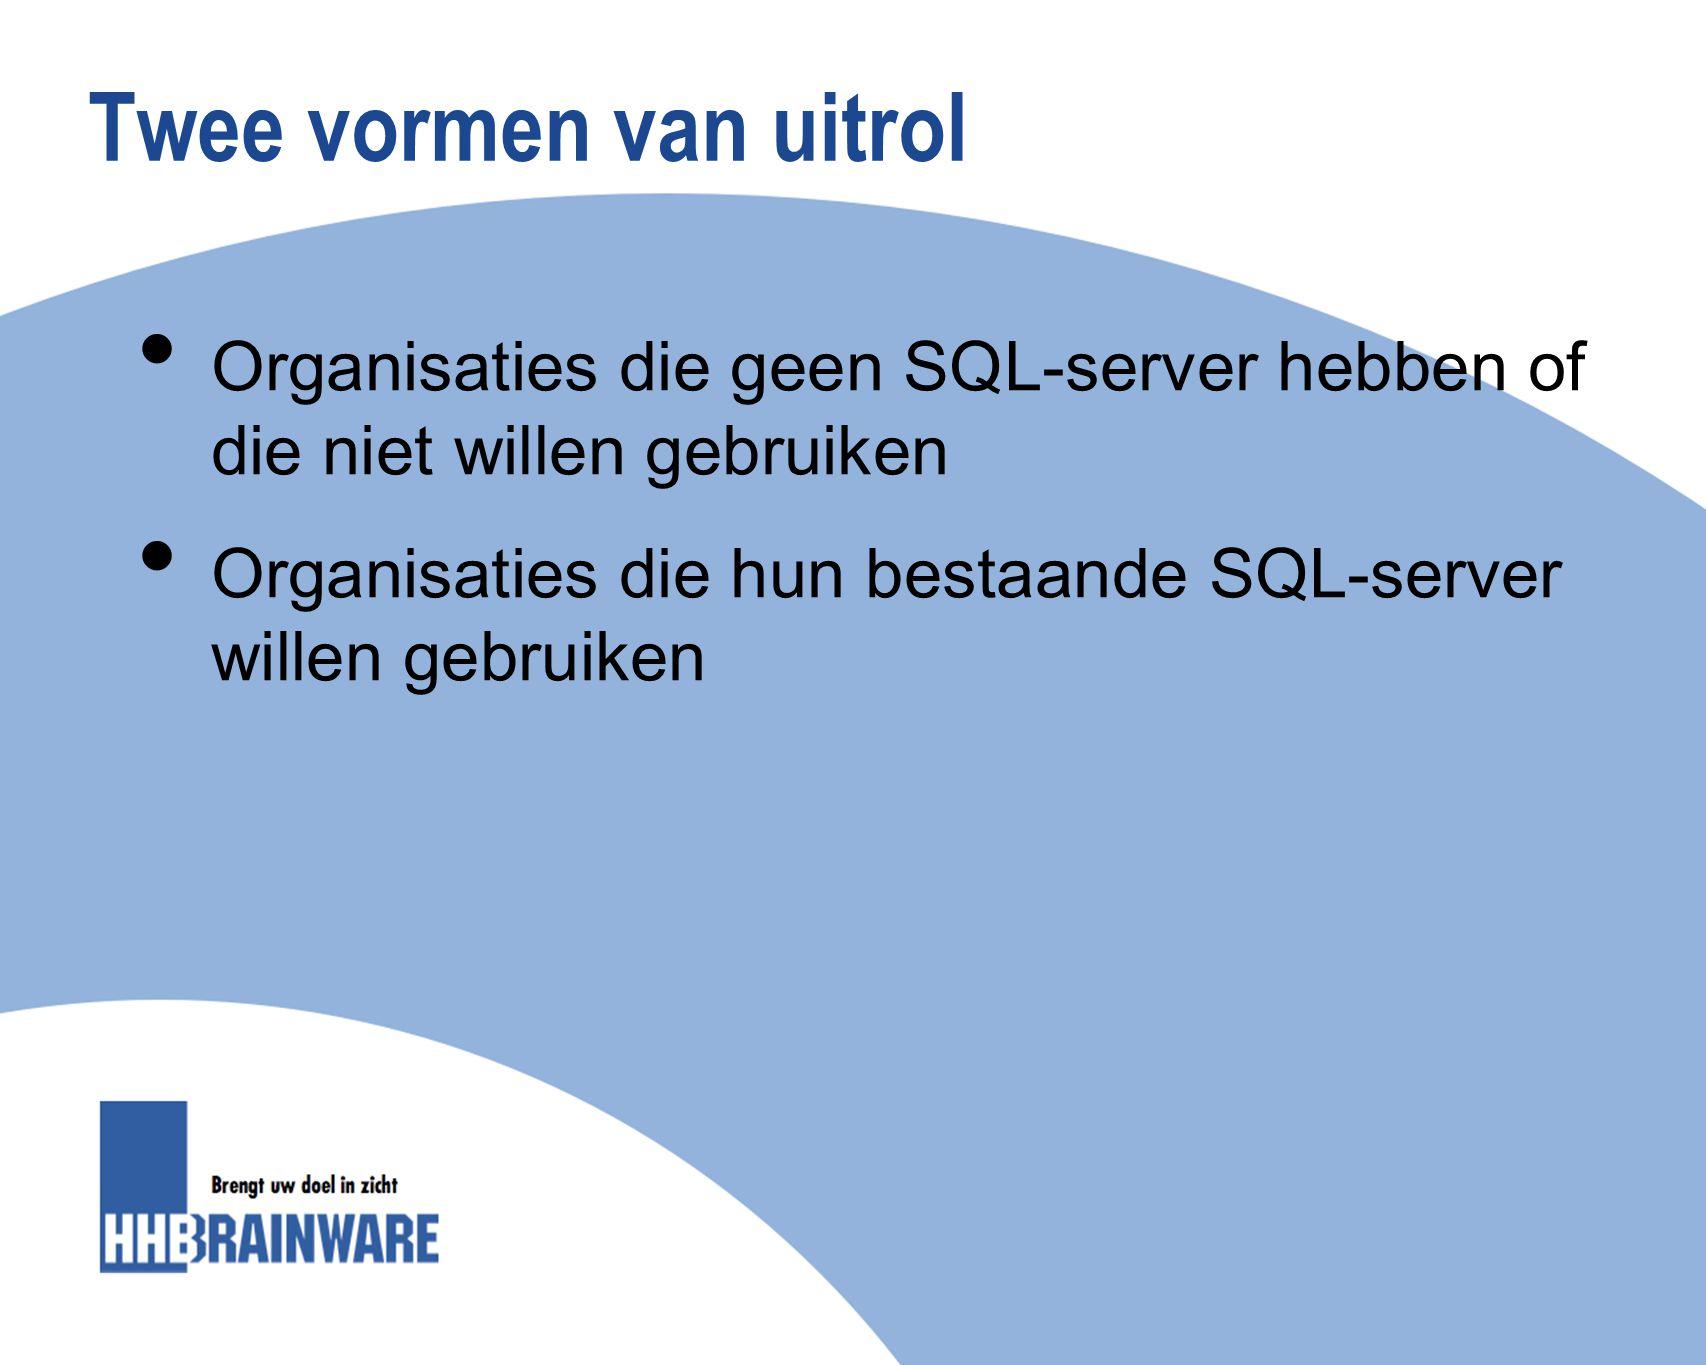 Wat houdt de uitrol in Update van Kocon met daarin … Een gratis versie van MS SQL-server* Express en daarbij … De automatische omzetting van bestanden van de oude naar de nieuwe database *Dit geldt niet voor organisaties die hun bestaande SQL-server willen gebruiken